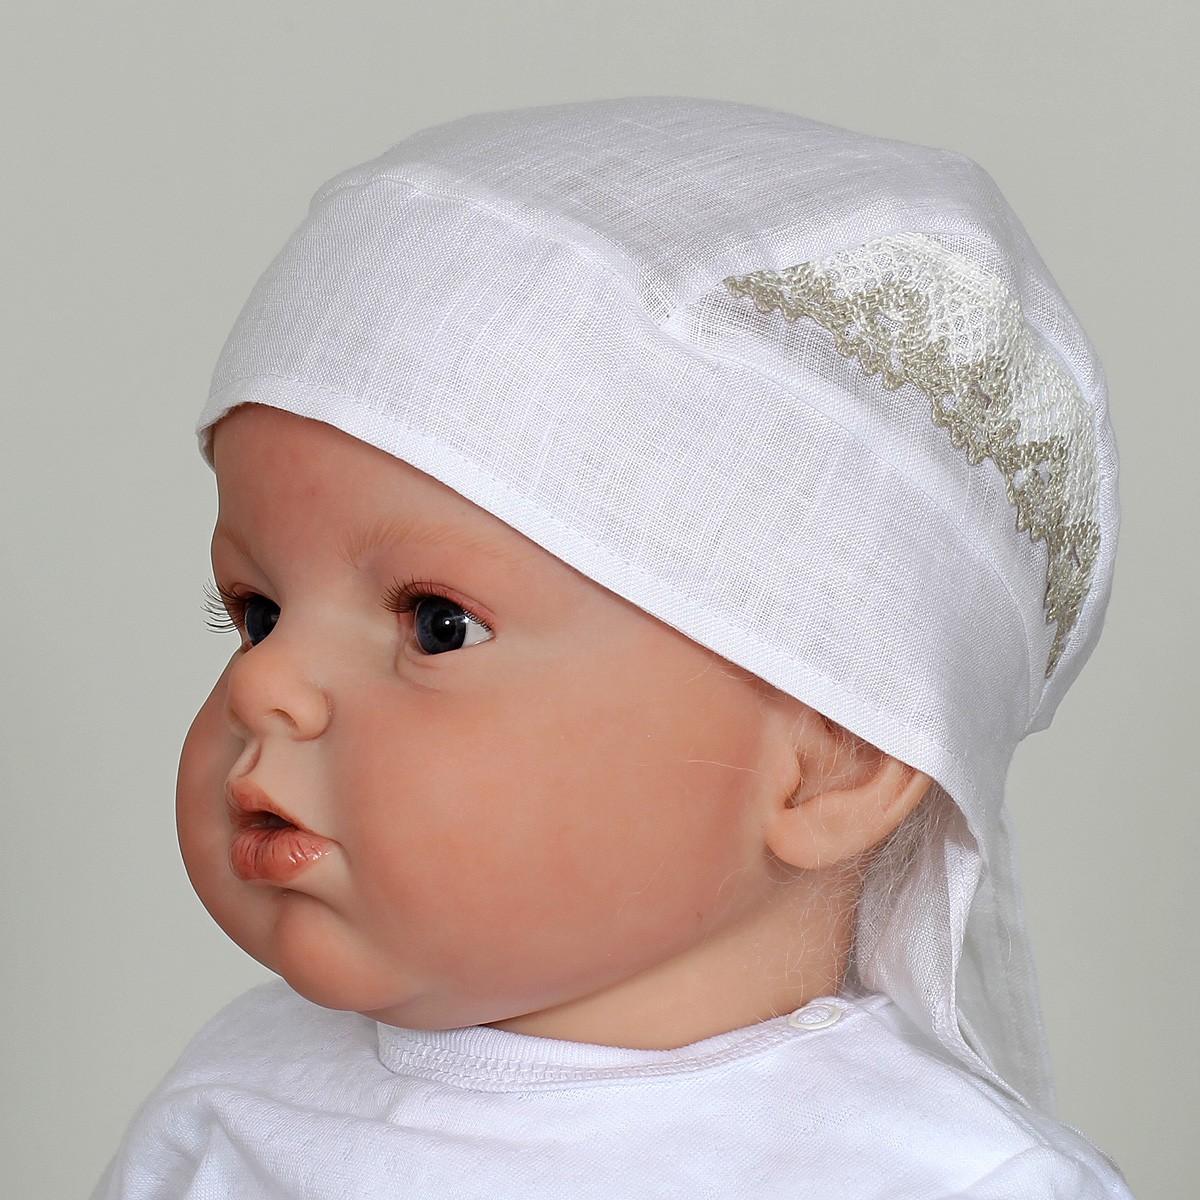 Cepure Vilaurita no lina 243